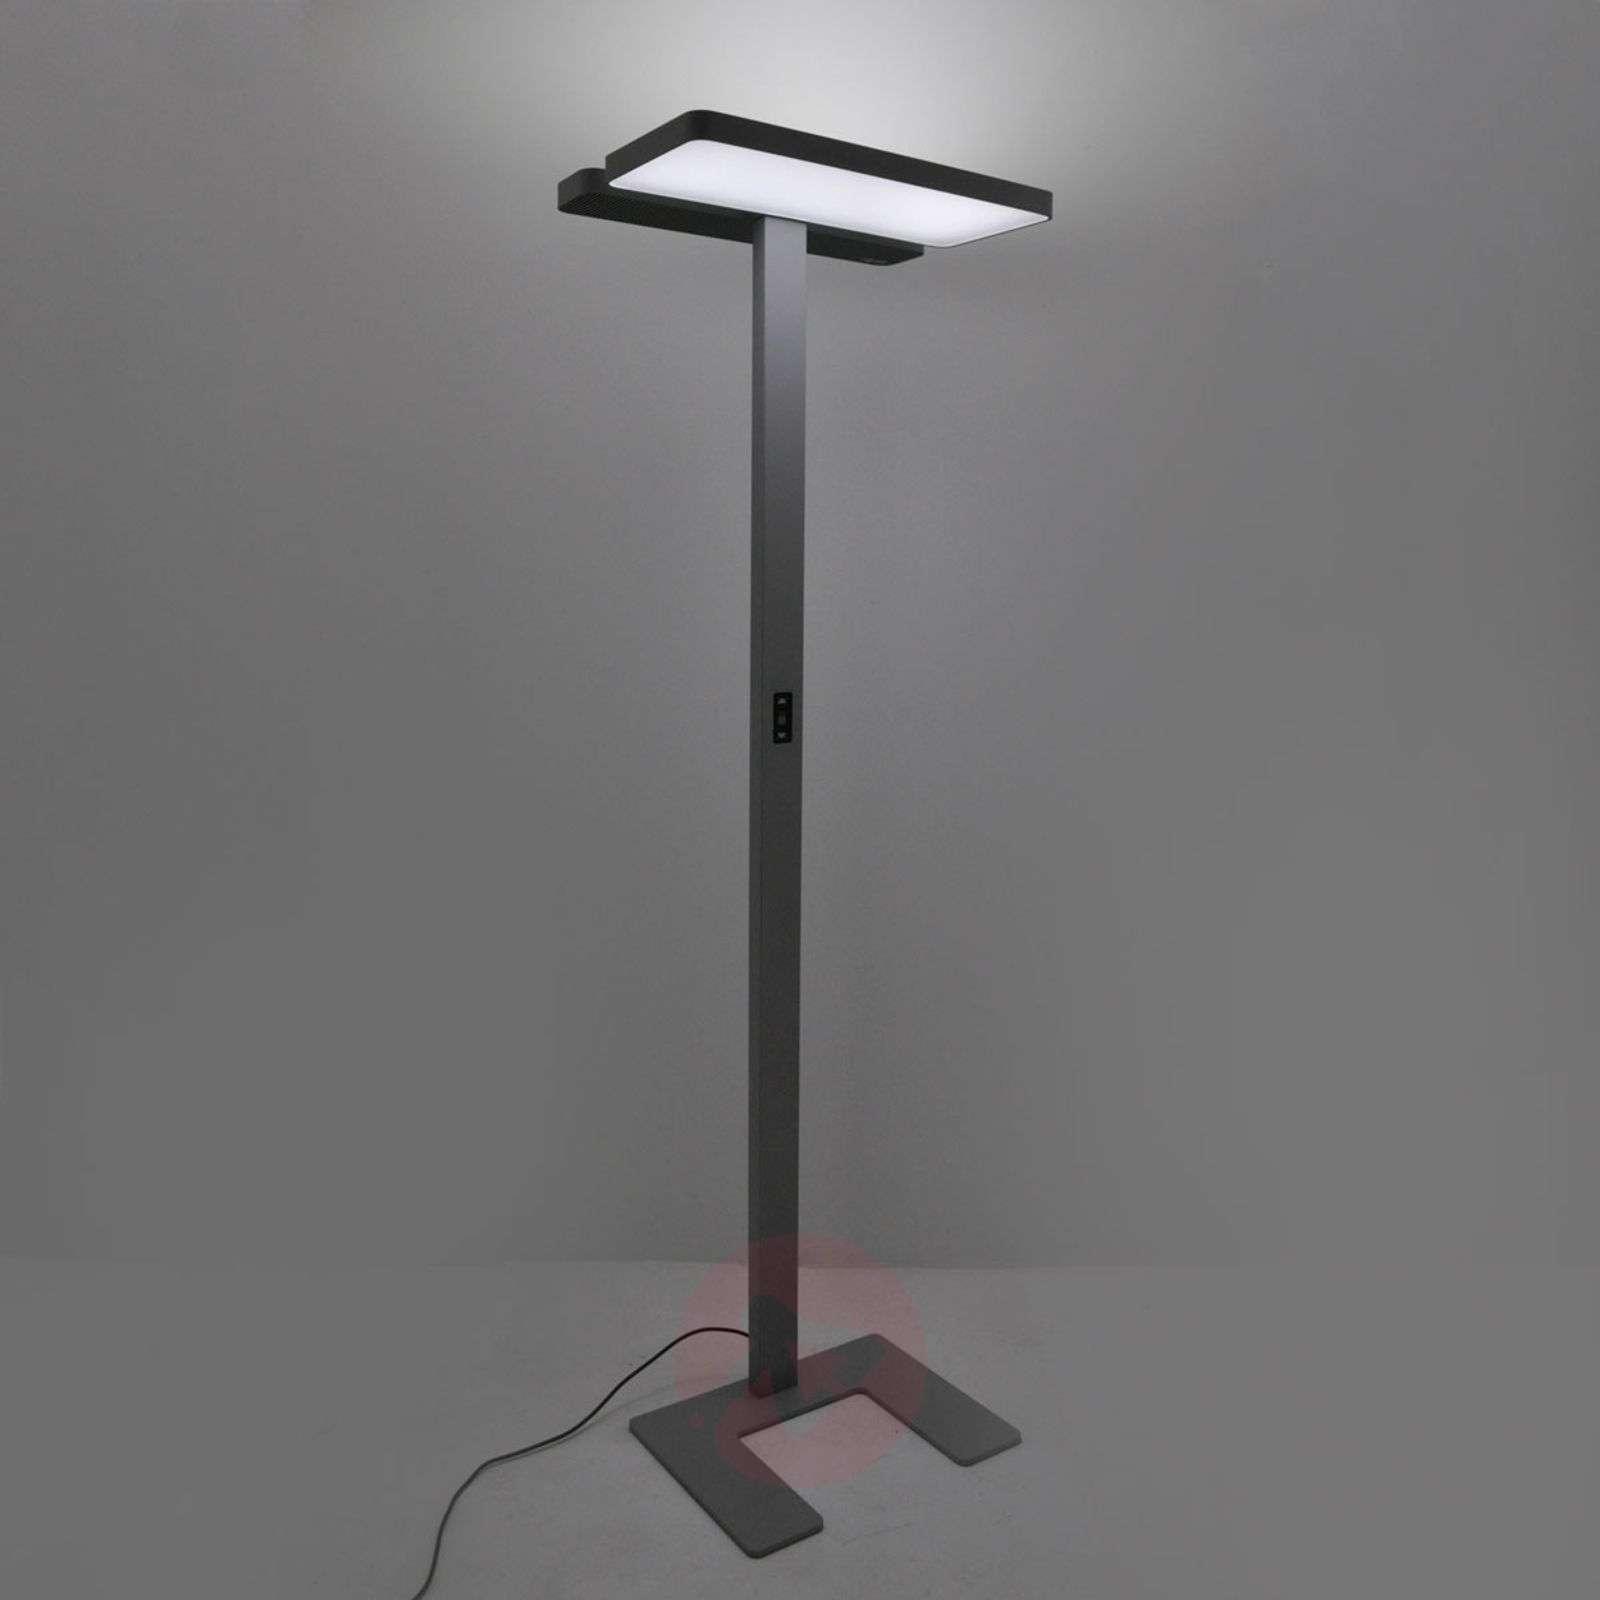 Aila Office Led Floor Lamp Daylight Sensor 4 000k Lights Ie